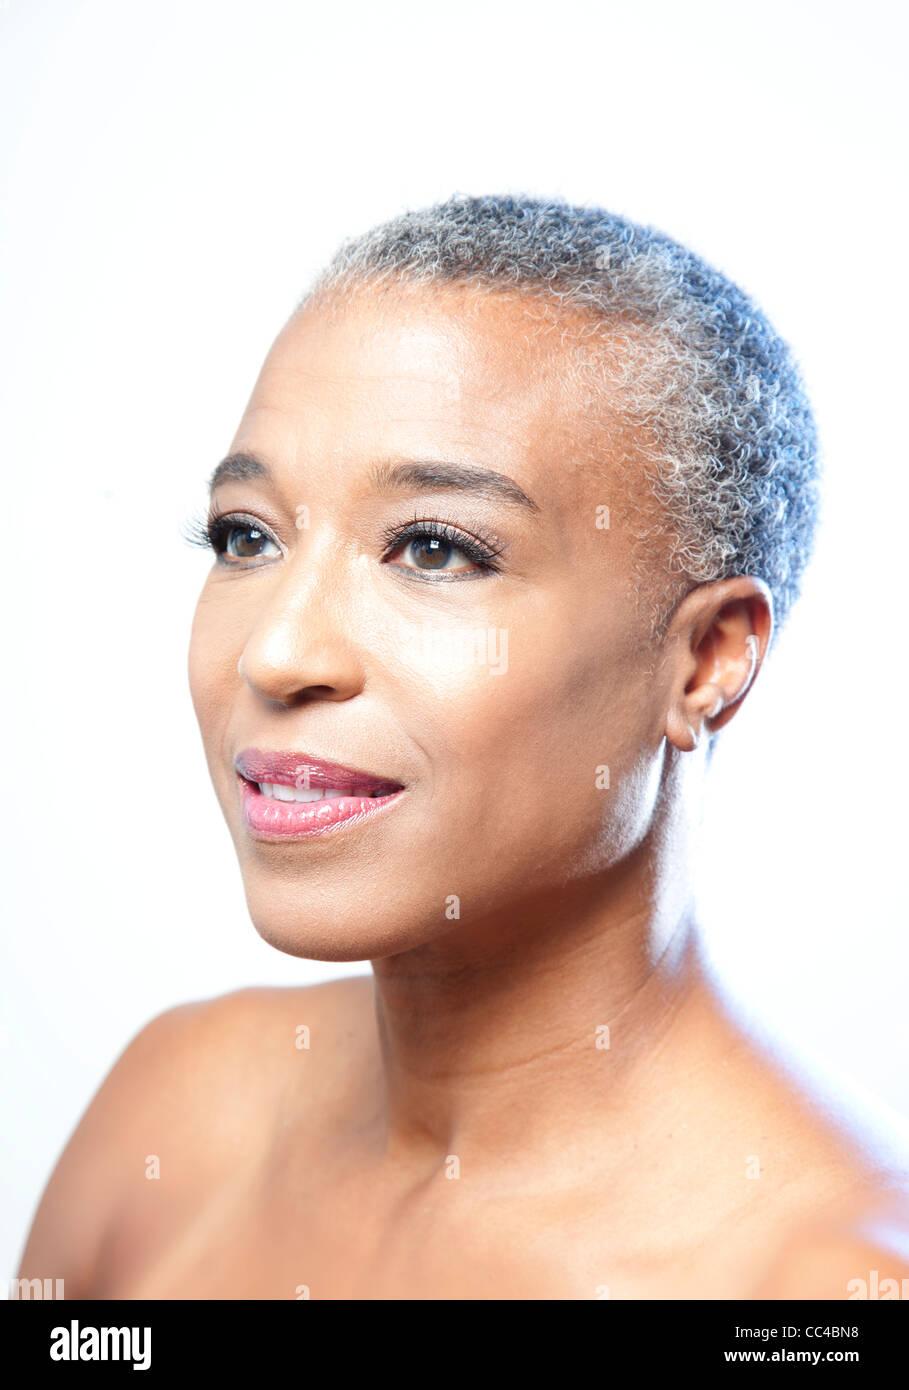 Simple belleza imagen o retrato de una mujer de mediana edad Afroamericanos con cabello gris corto Imagen De Stock